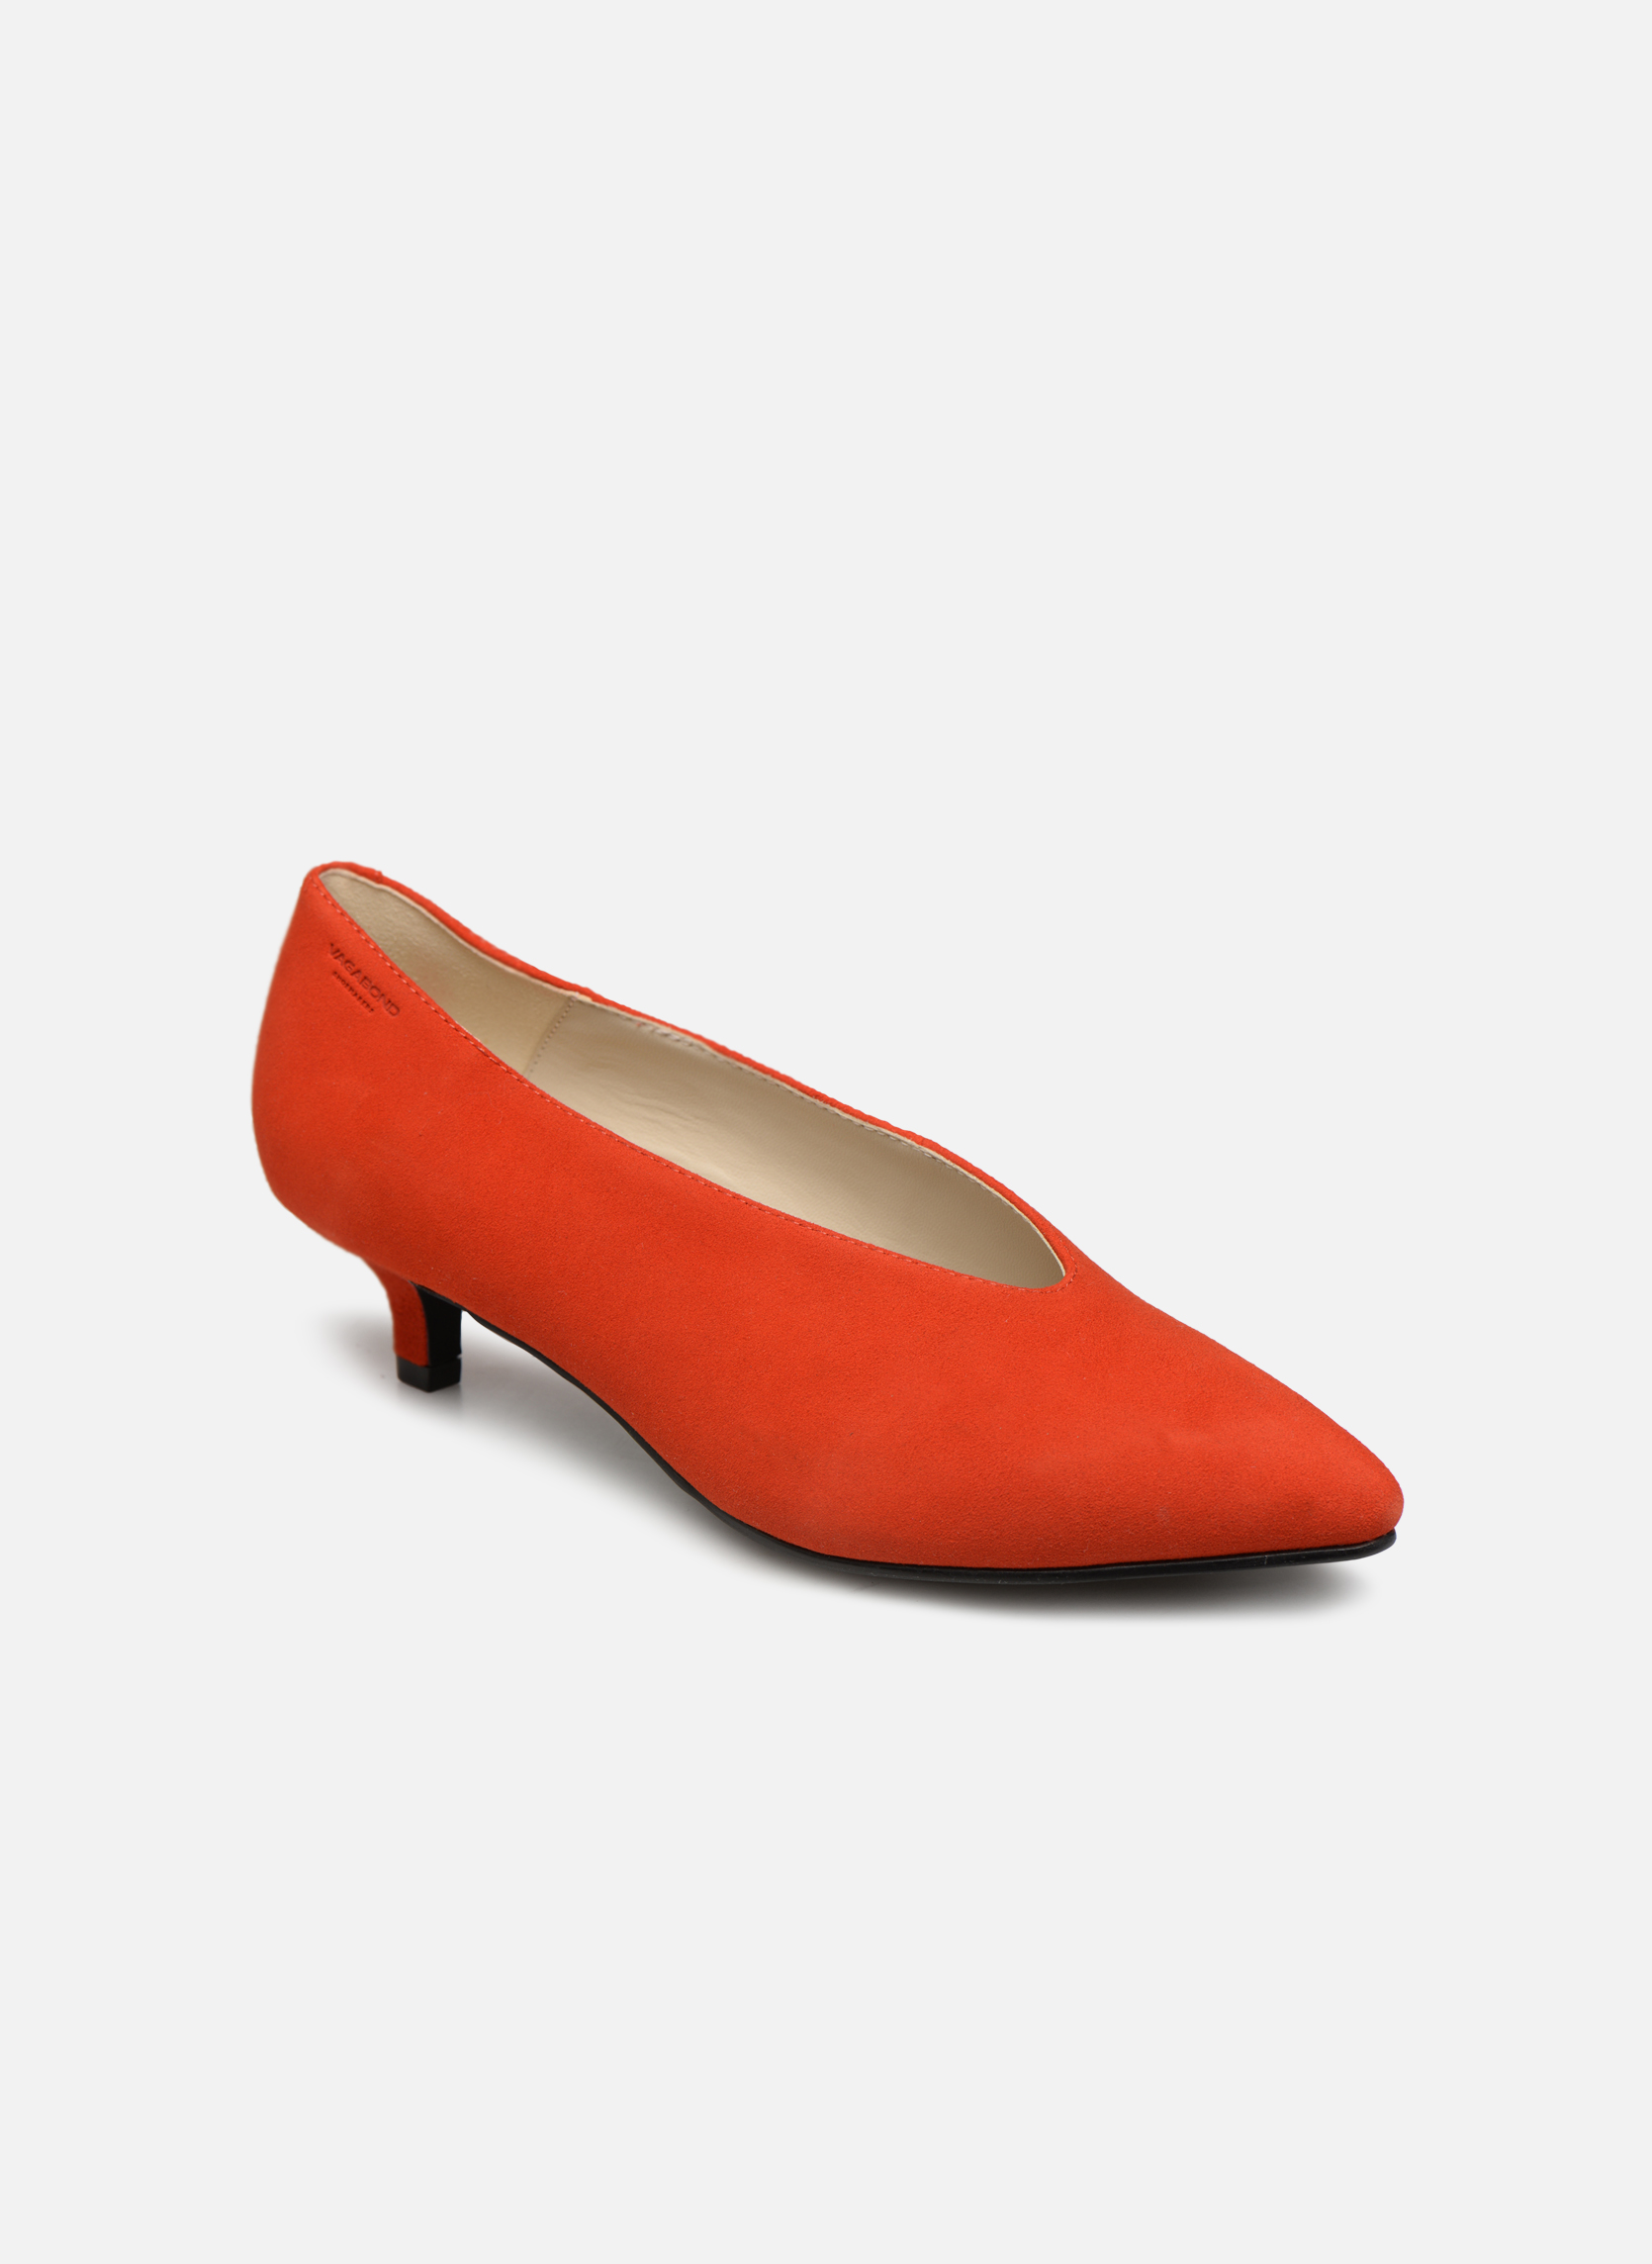 Minna 4711-240 par Vagabond Shoemakers